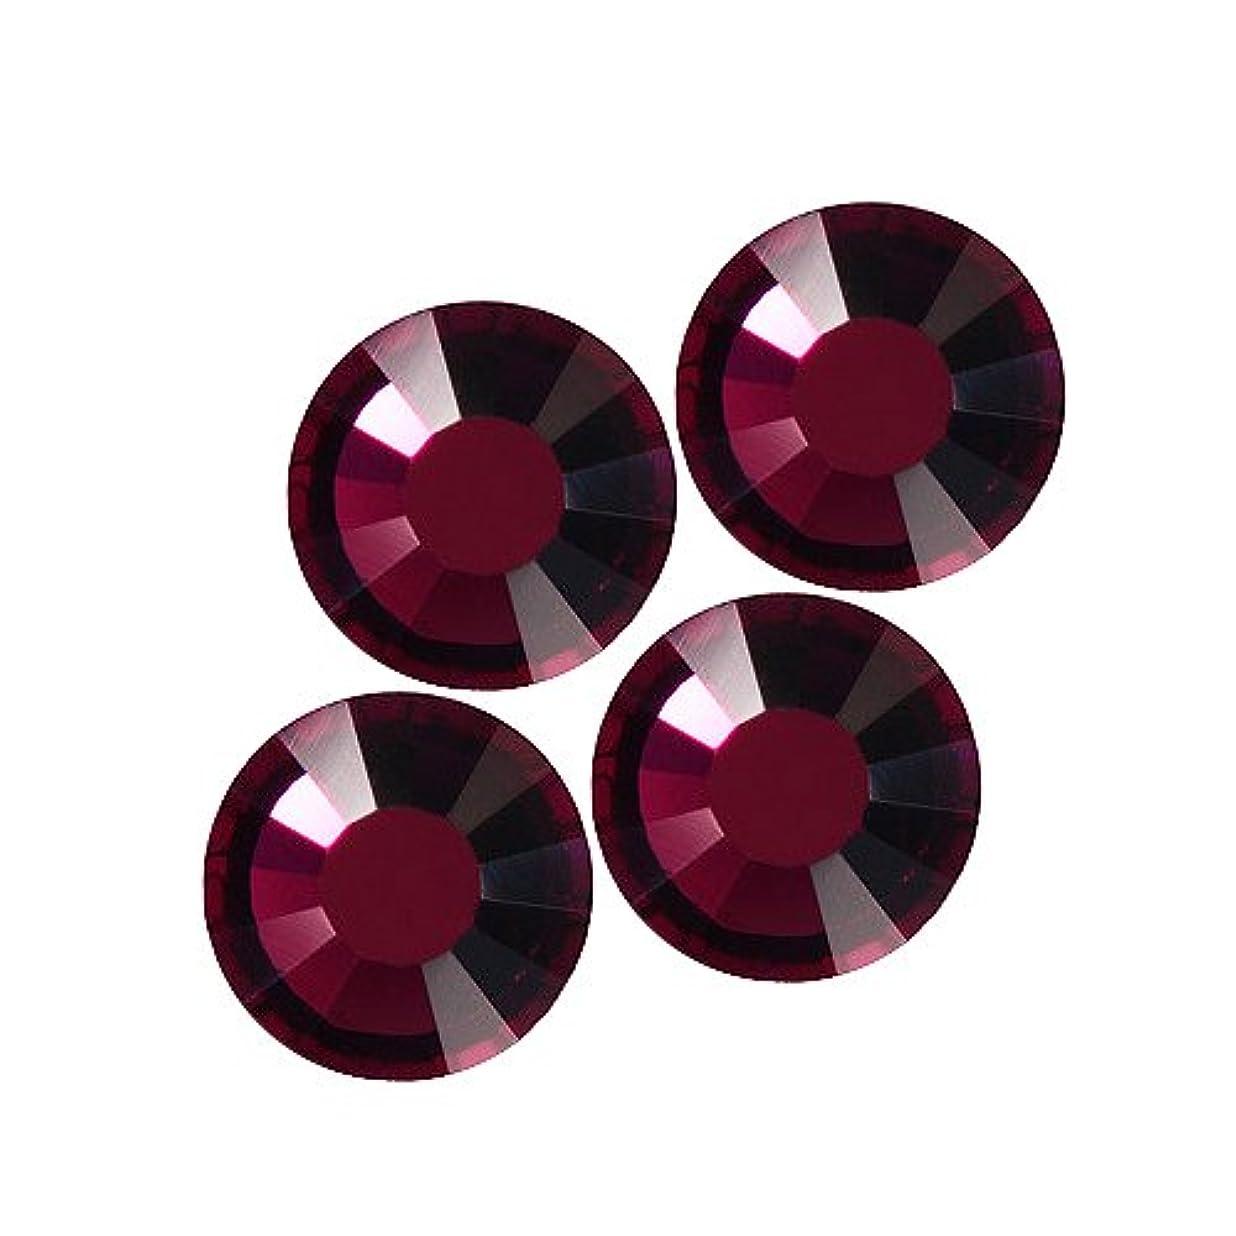 鬼ごっこ談話誇張するバイナル DIAMOND RHINESTONE アメジストSS30 360粒 ST-SS30-AME-5GH